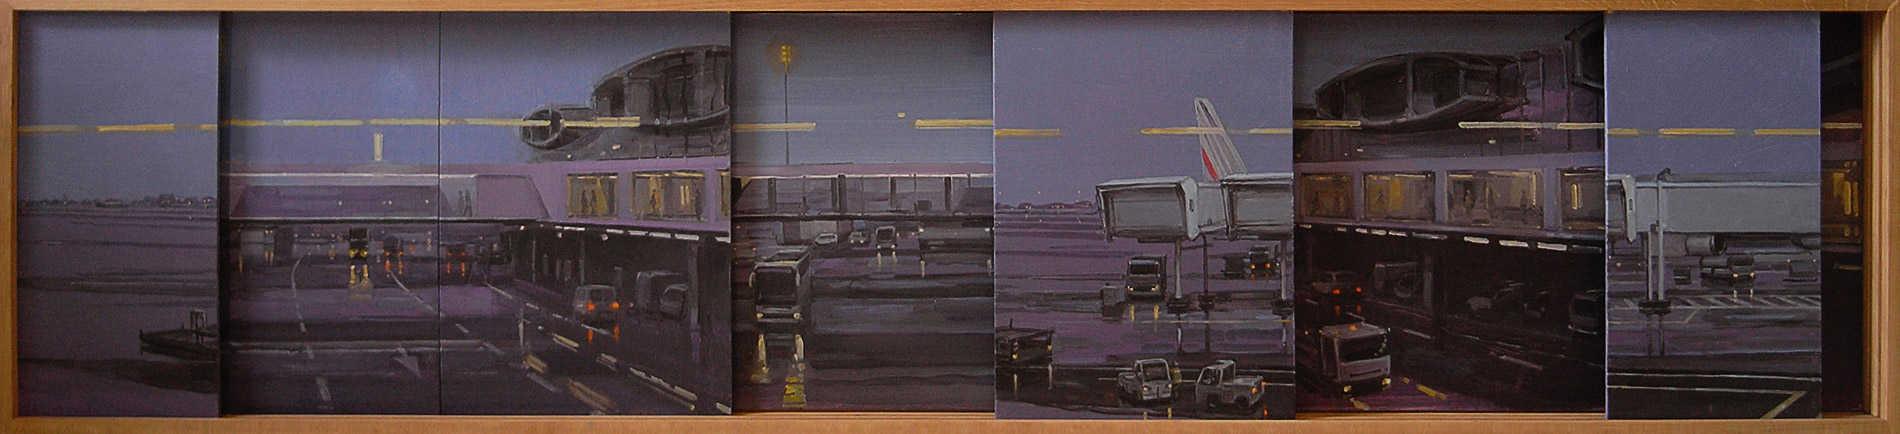 Tarmac à système. Huile sur toile, 40 x 175 cm, 2010